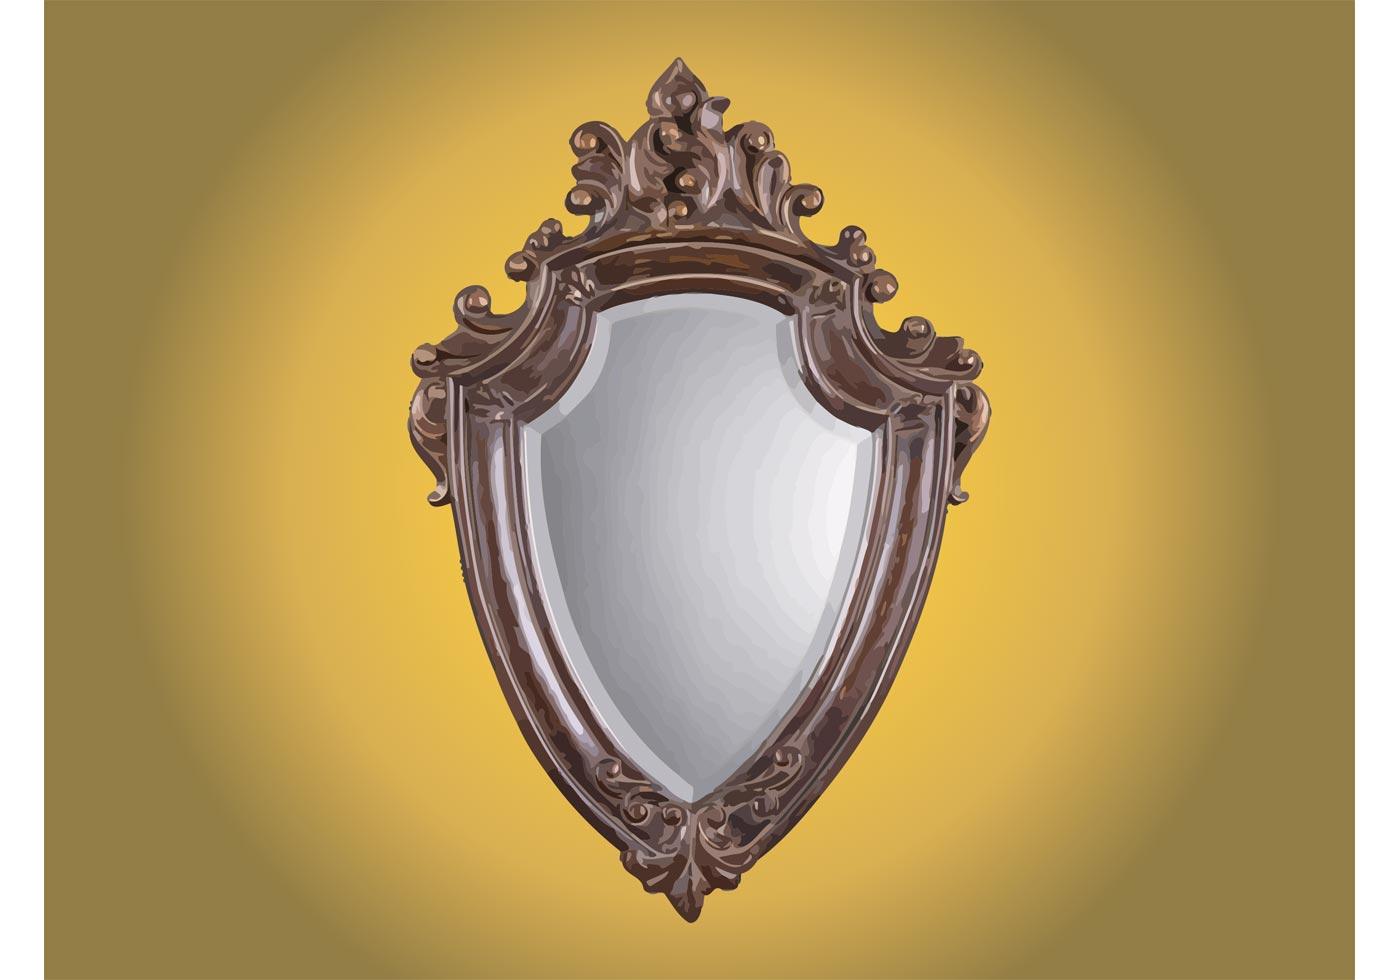 Gratis Espejo Antiguo Arte Vector - (2978 Descargas Gratis)